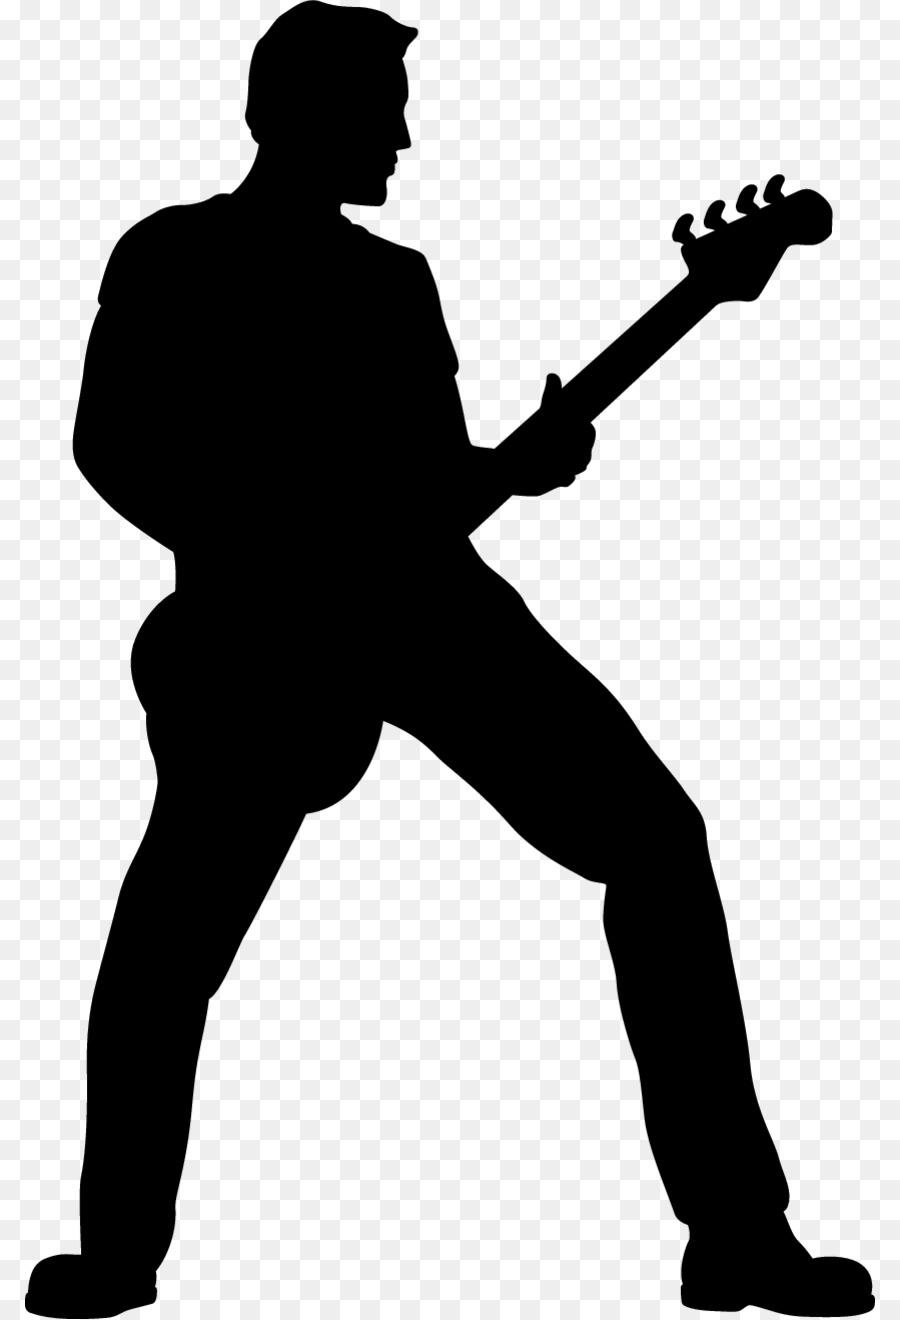 Bass guitar player free clipart svg transparent Bass guitar Silhouette Double bass Clip art - Bass Guitar Clipart ... svg transparent